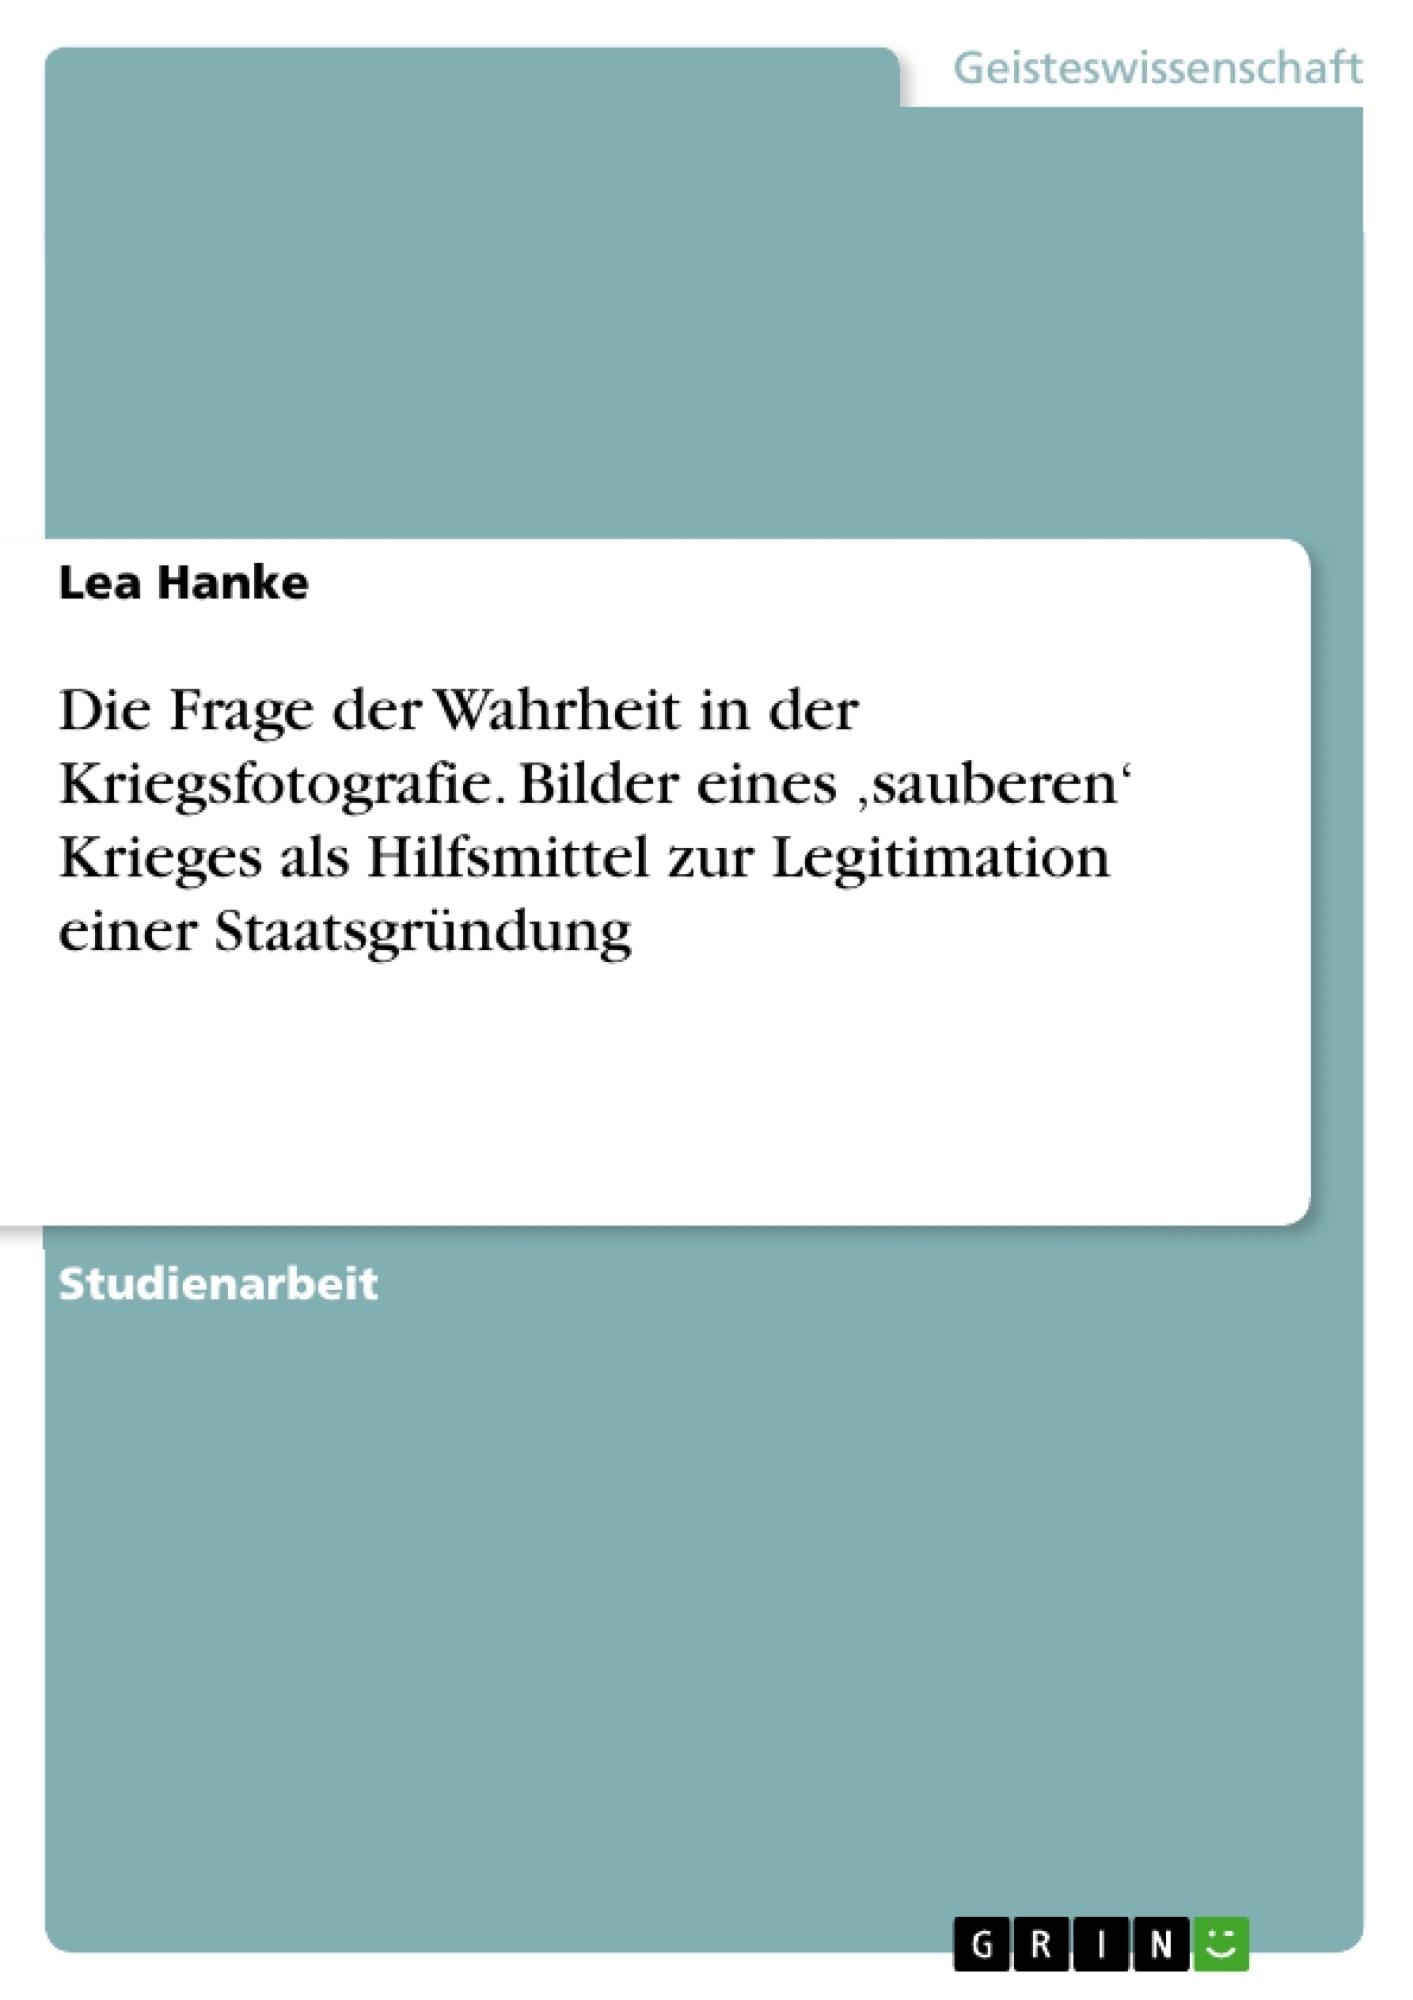 Titel: Die Frage der Wahrheit in der Kriegsfotografie. Bilder eines 'sauberen' Krieges als Hilfsmittel zur Legitimation einer Staatsgründung